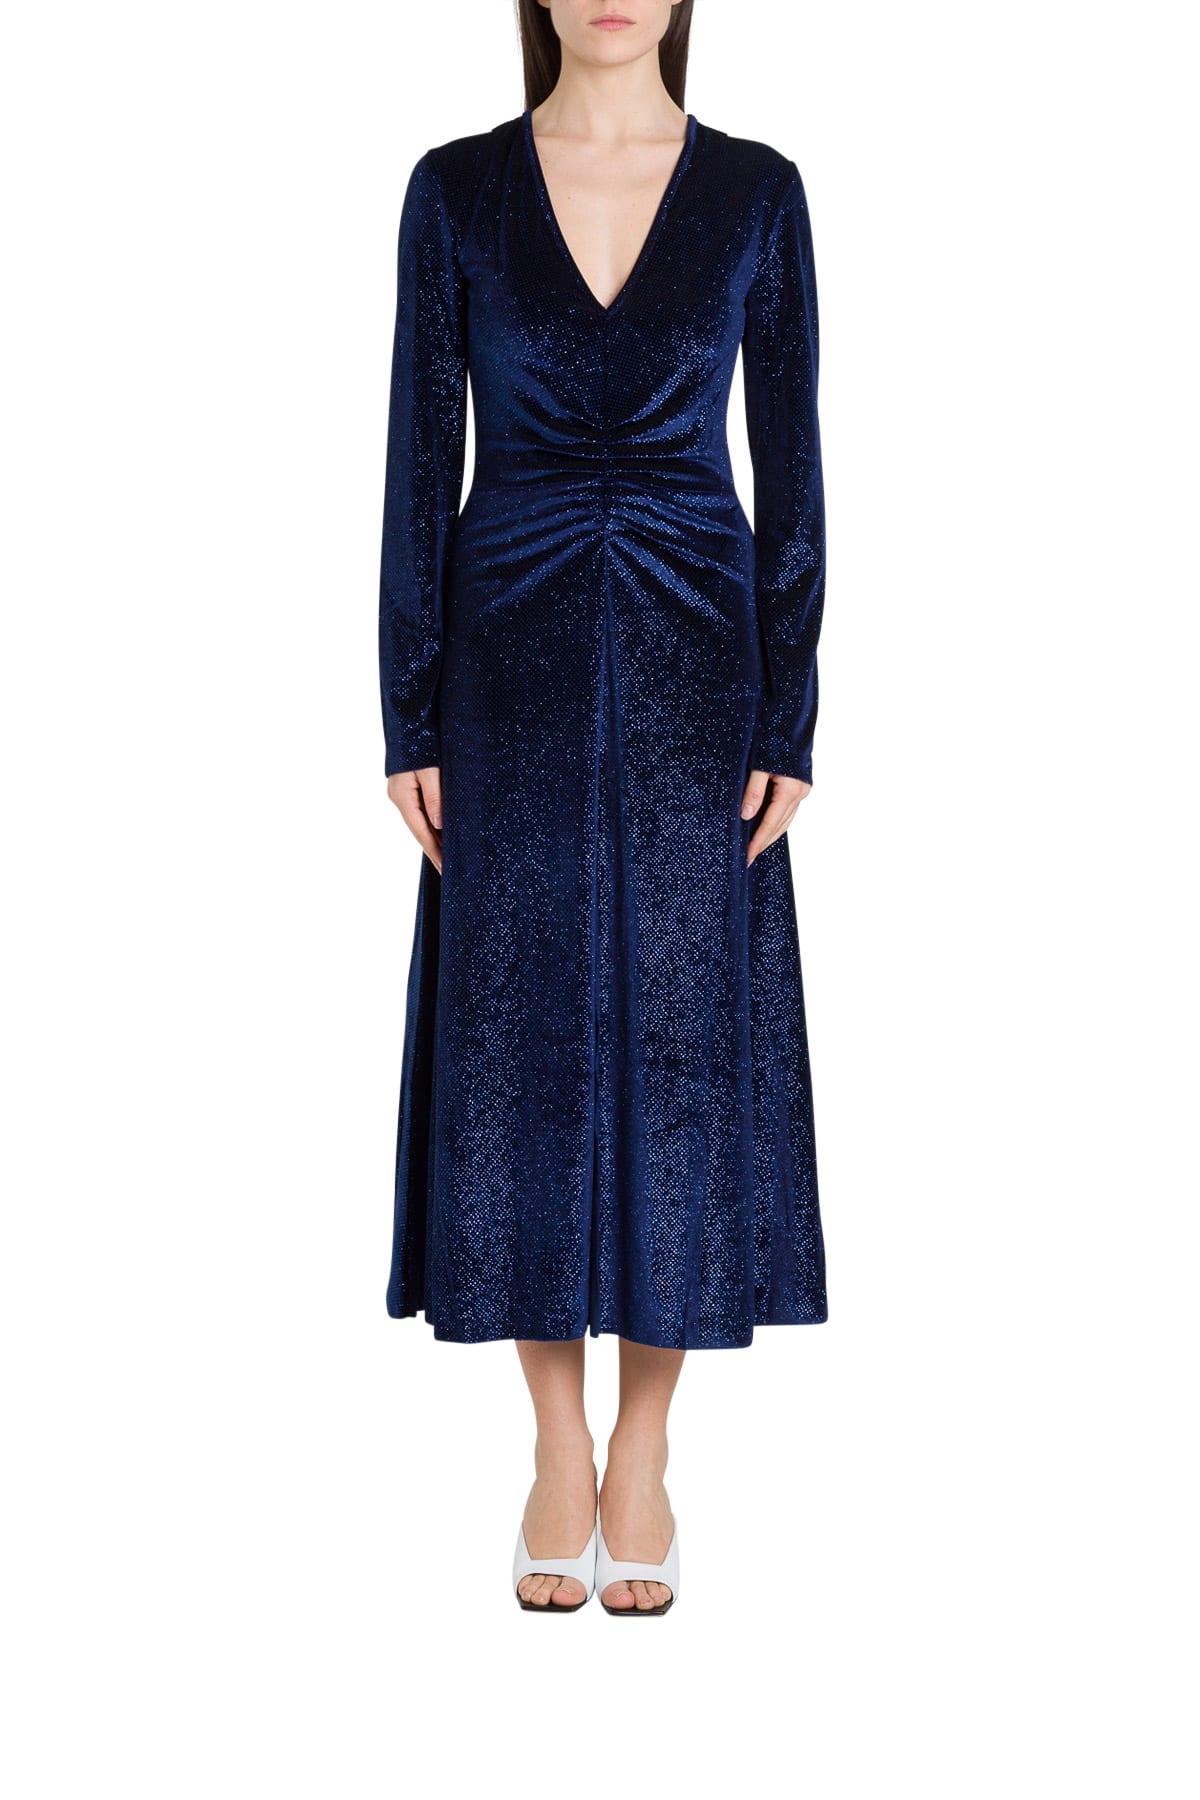 Buy Rotate by Birger Christensen Velvet Dress Number 7 online, shop Rotate by Birger Christensen with free shipping